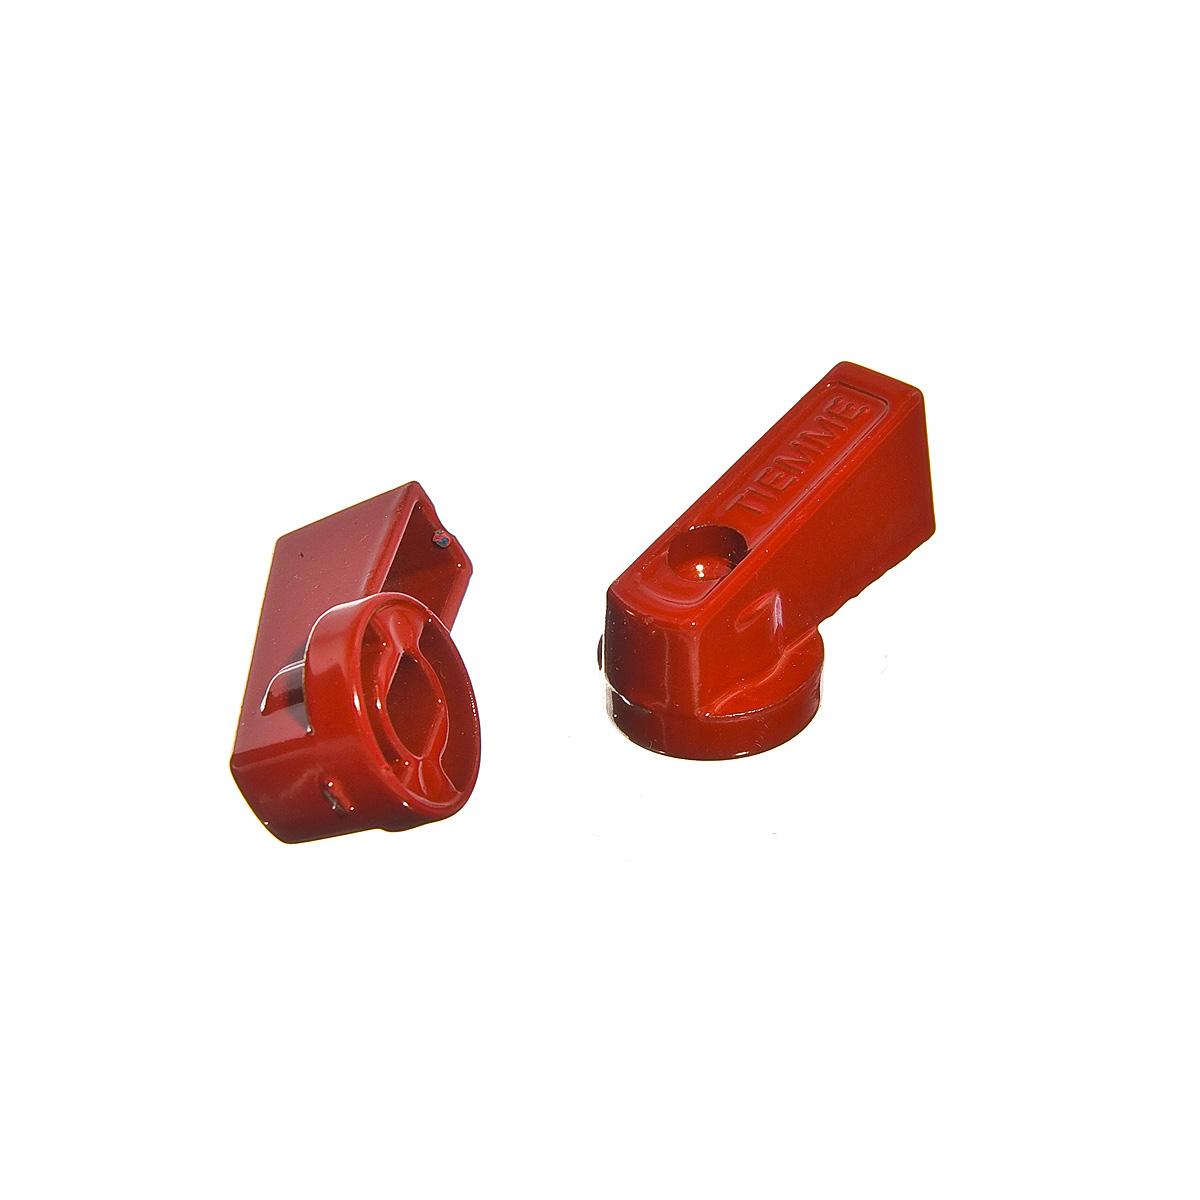 Ручки для коллектора красные Tiemme (2 шт.)